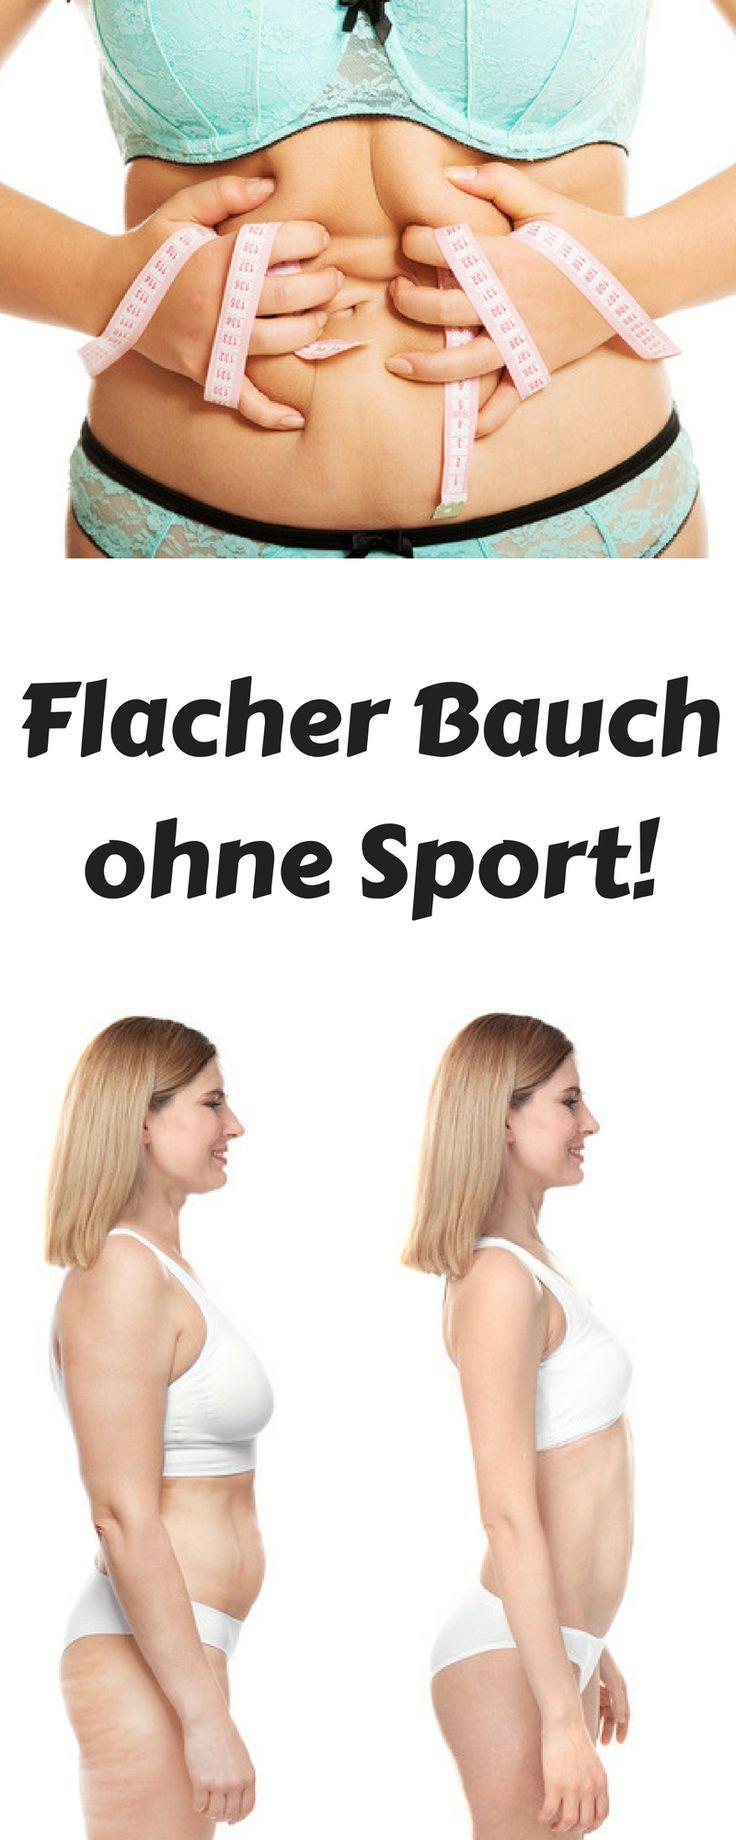 Flacher Bauch ohne Sport, Flacher Bauch schnell, Flacher Bauch abnehmen, Flacher…